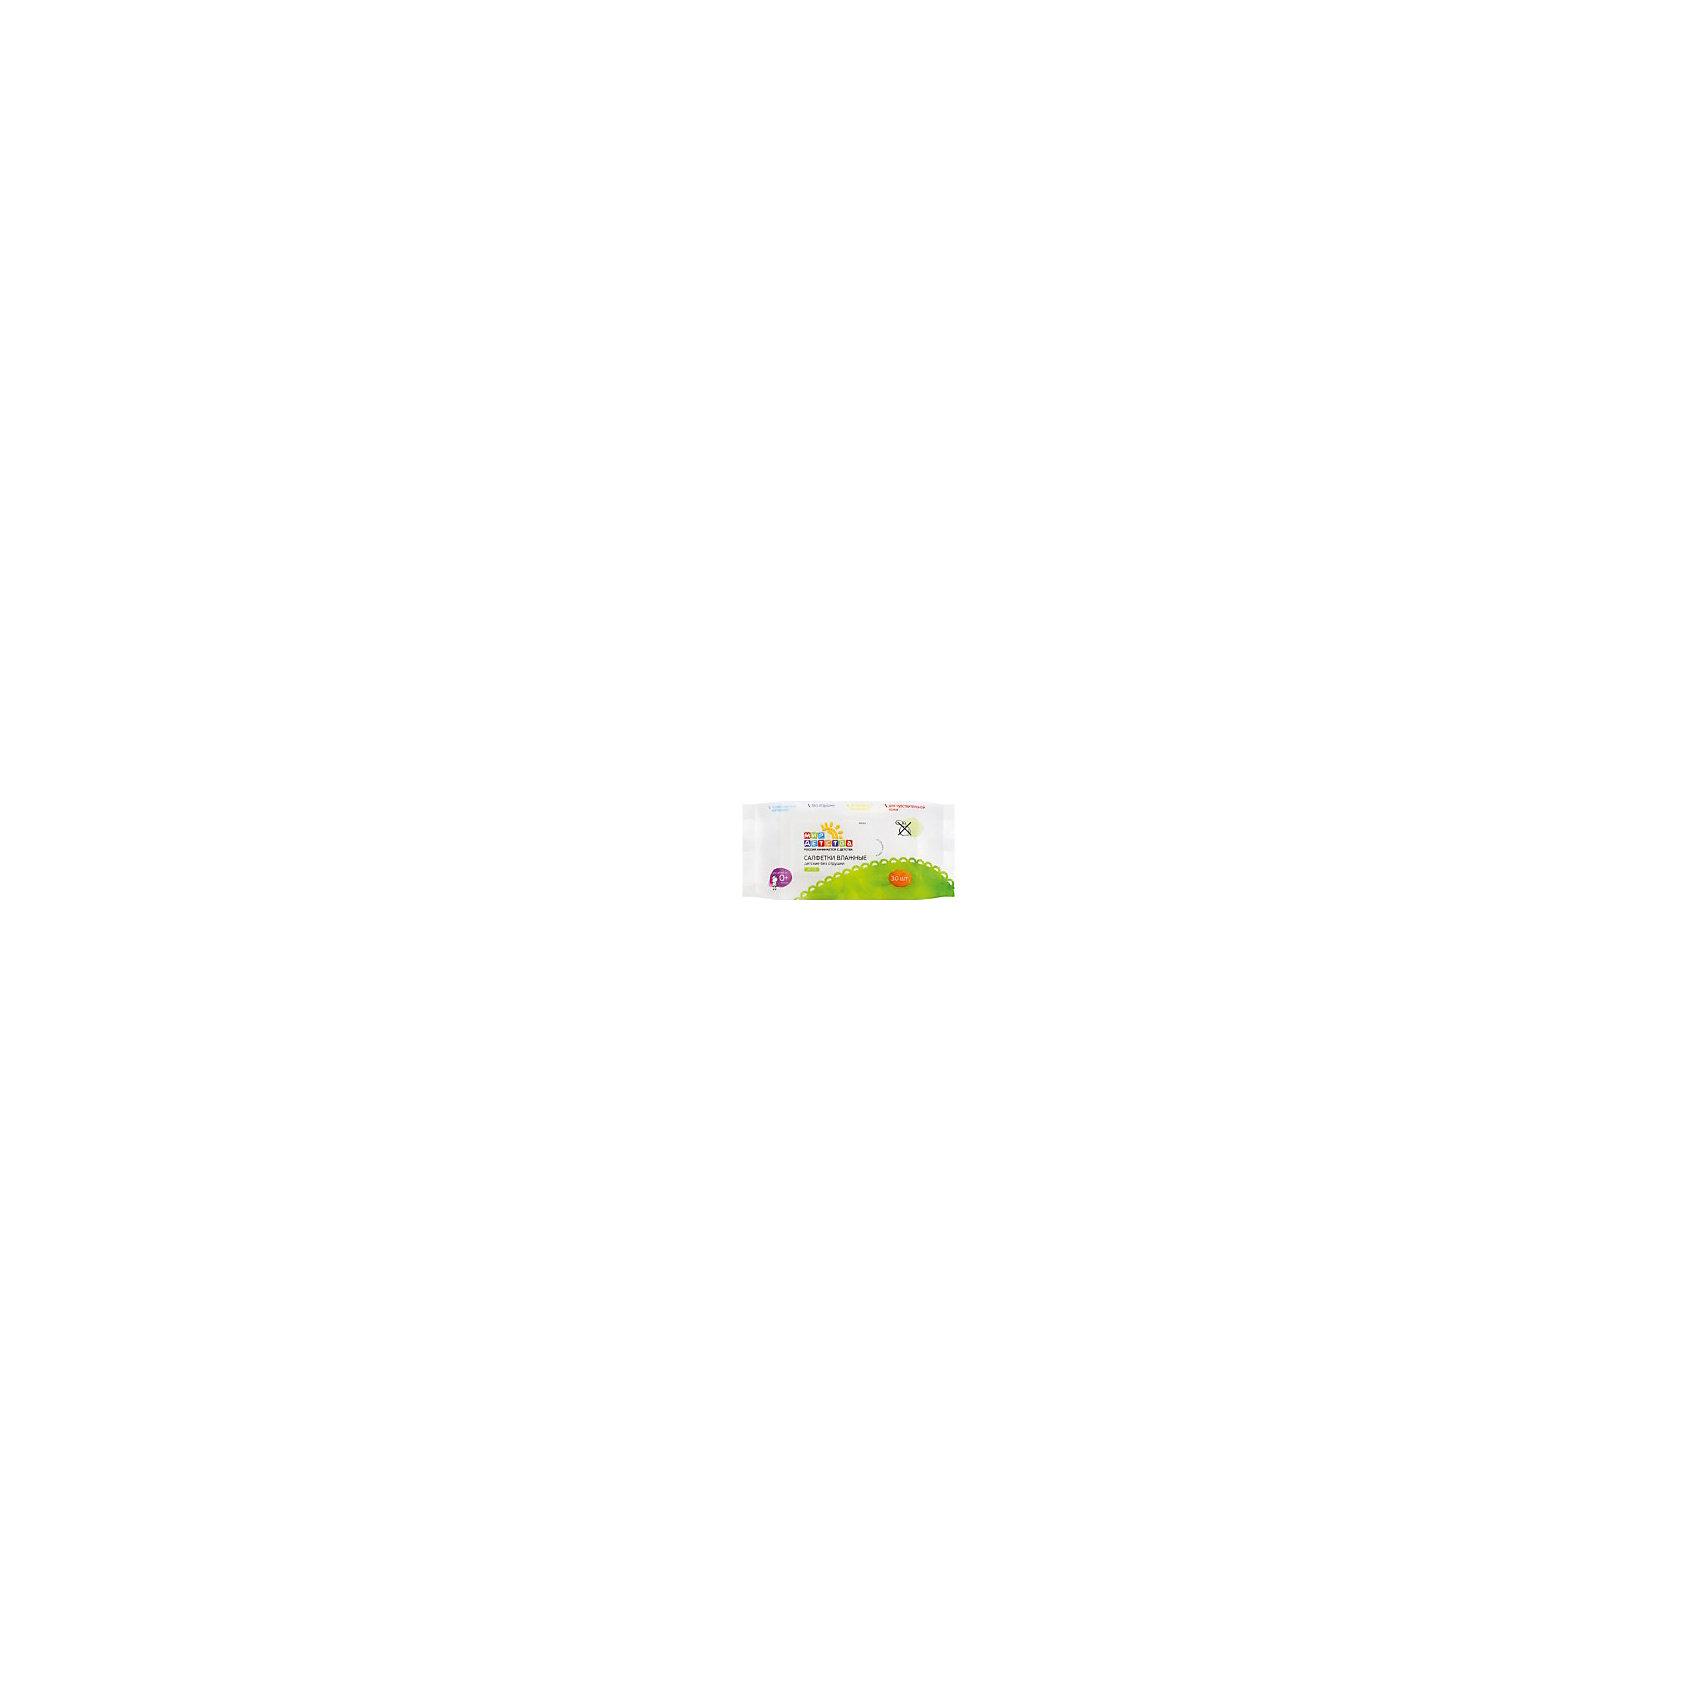 Салфетки влажные детские без отдушки, 30 шт., Mir Detstva (Мир Детства)